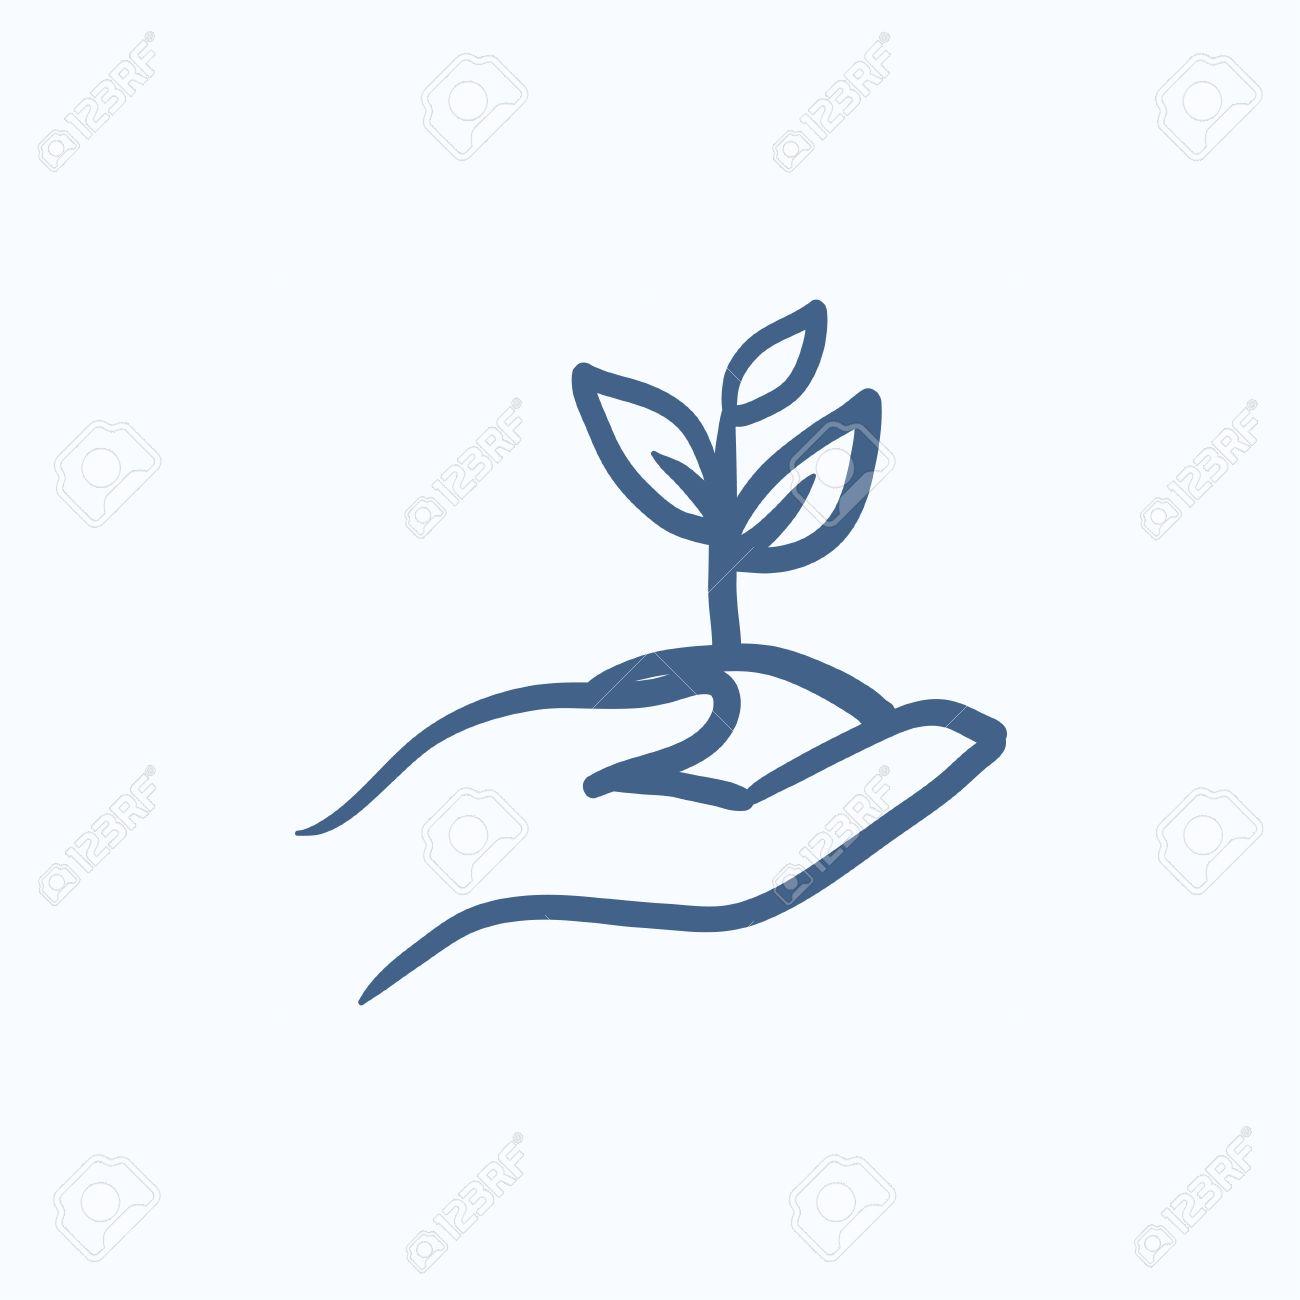 Hande Halten Samling Im Boden Vektor Skizze Symbol Isoliert Auf Den